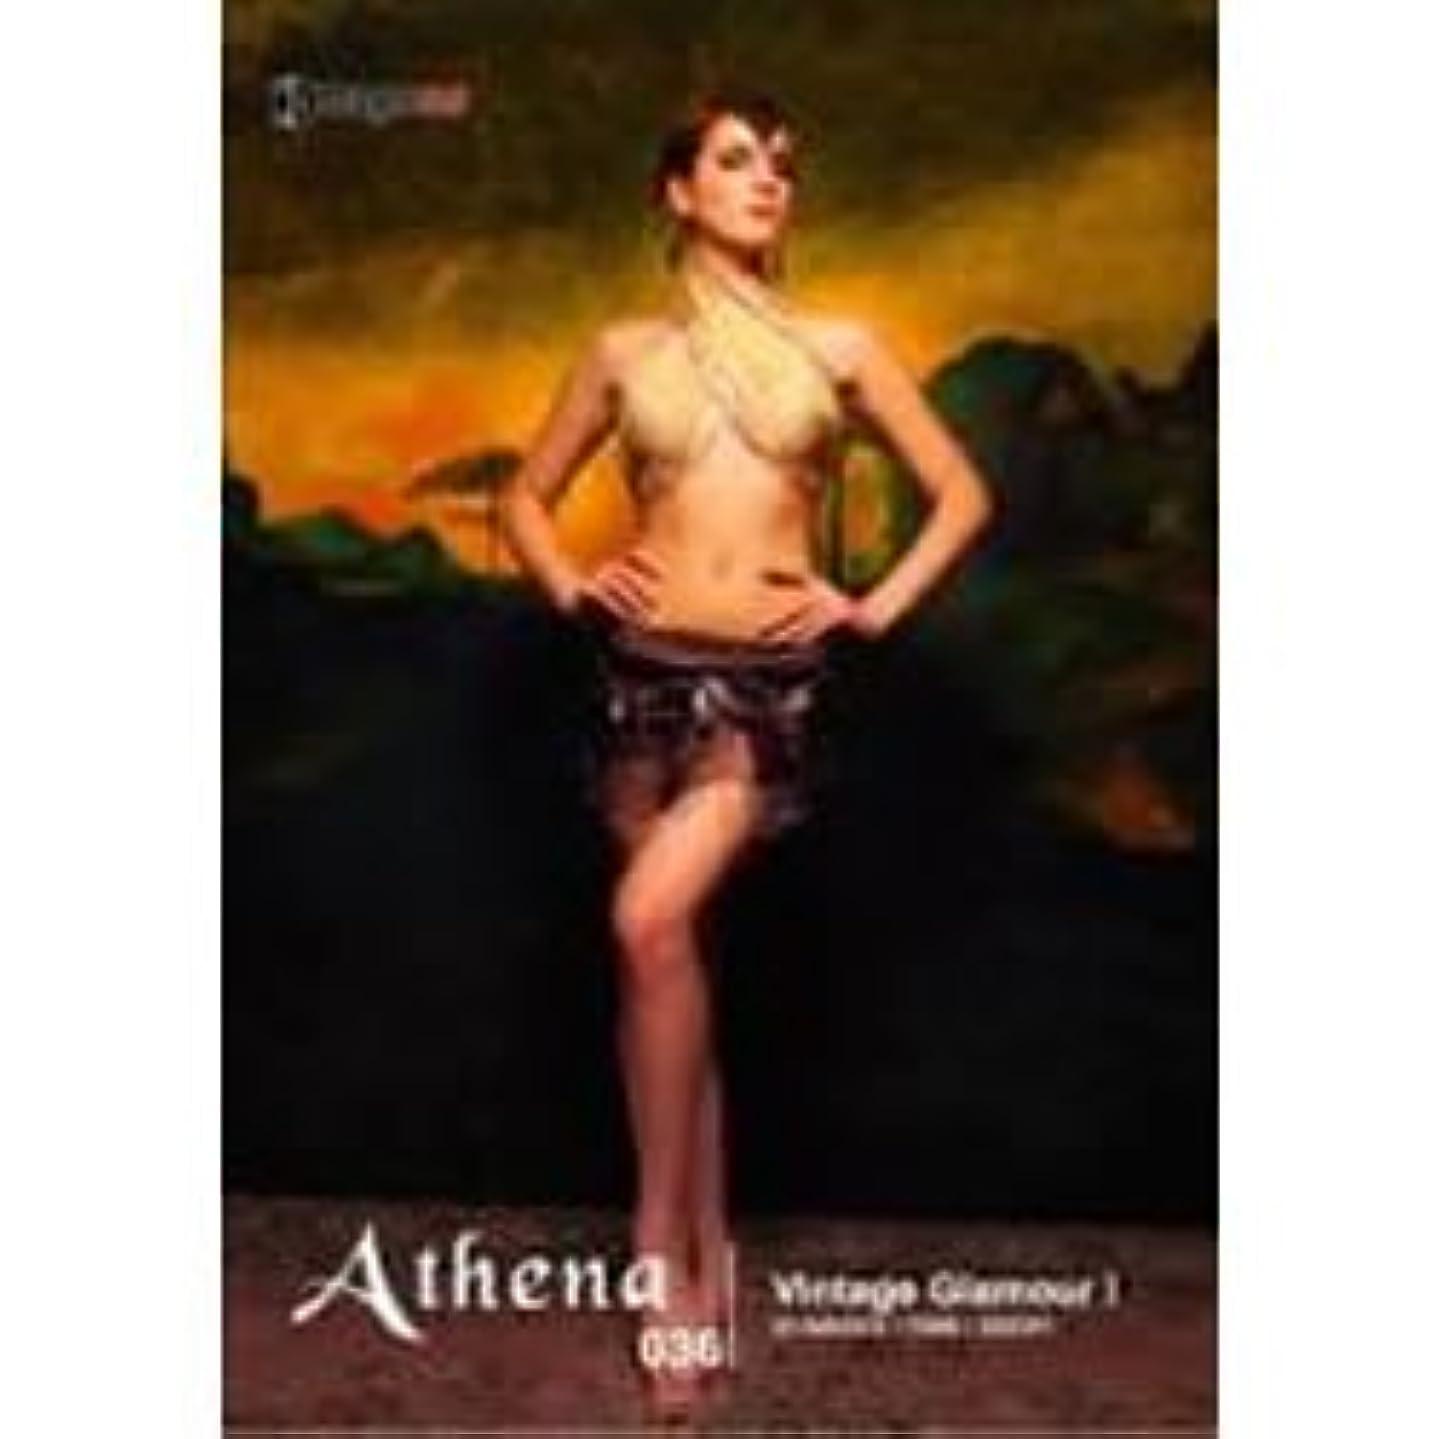 忌避剤乳製品広いAthena Vol.36 ヴィンテージグラマー(1) Vintage Glamour 1